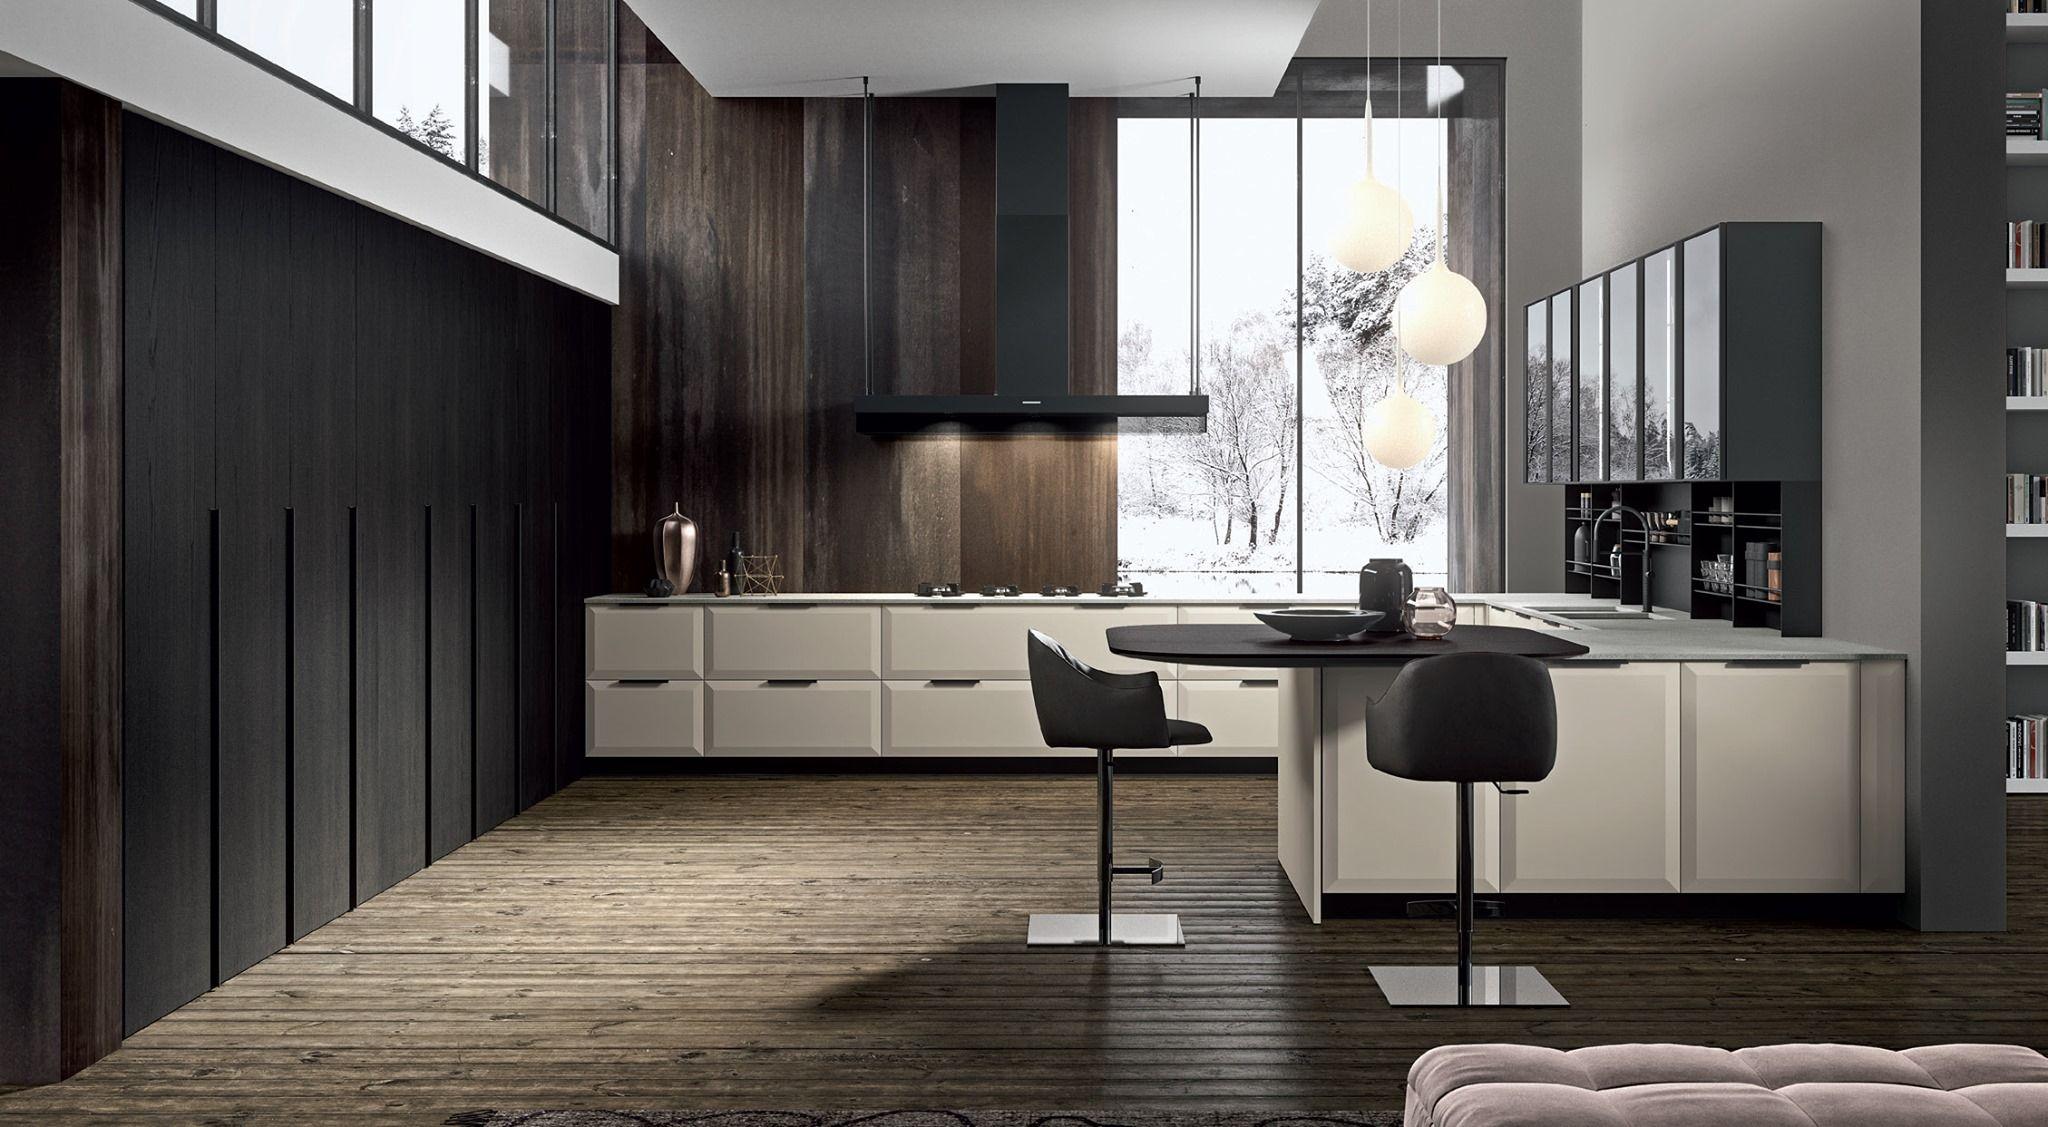 Brera Academy Collection Modern Kitchen Design Traditional Kitchen Cabinets Modern Kitchen